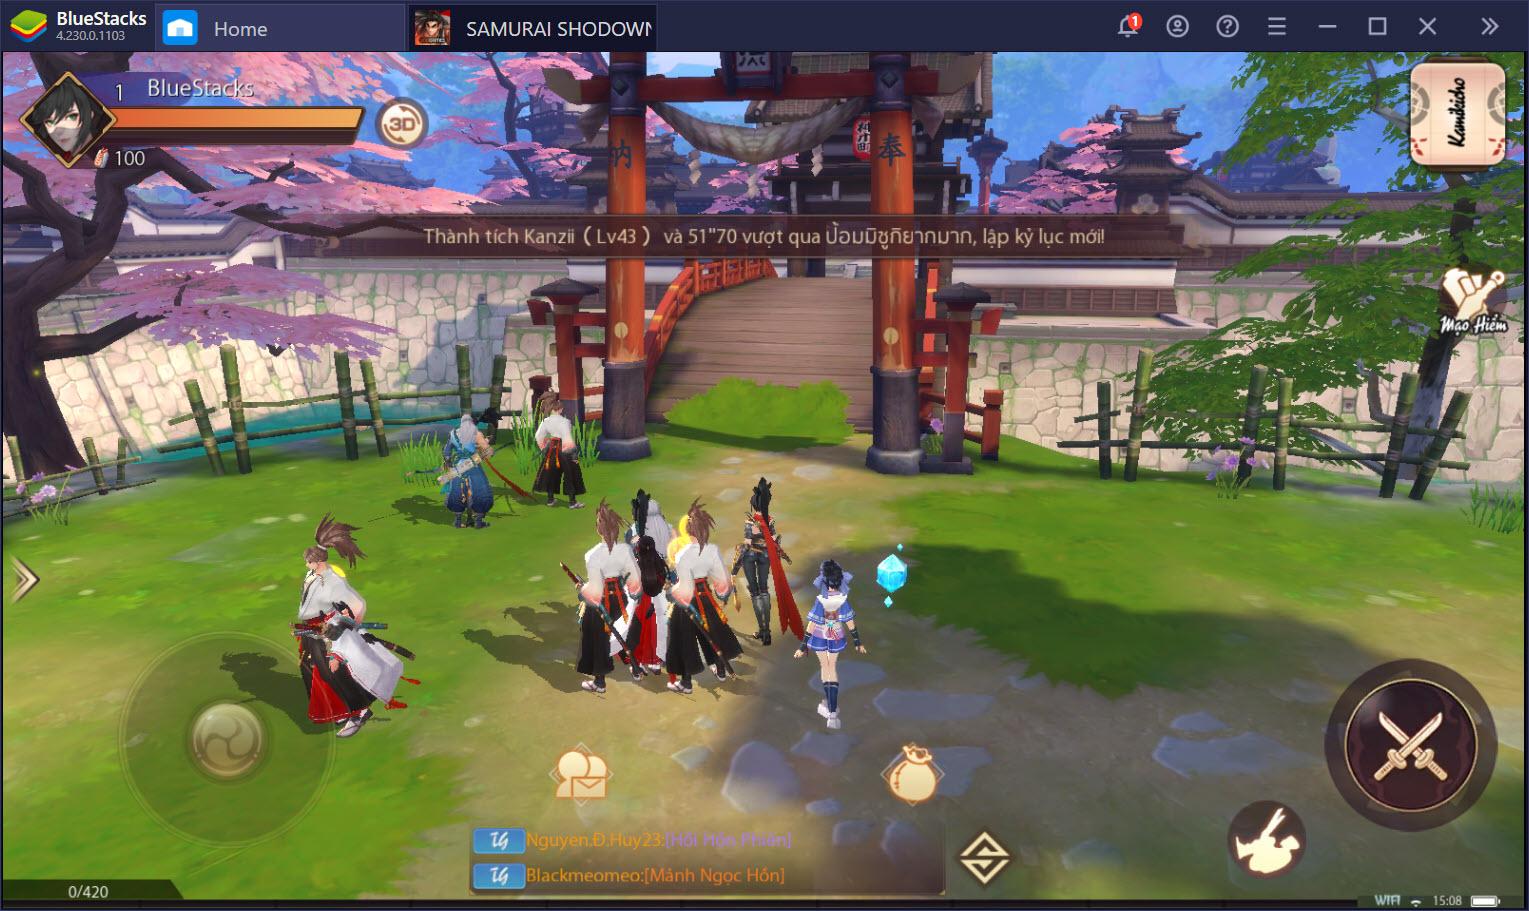 Hóa thân võ sĩ đạo cùng SAMURAI SHODOWN: The Legend of Samurai cùng BlueStacks